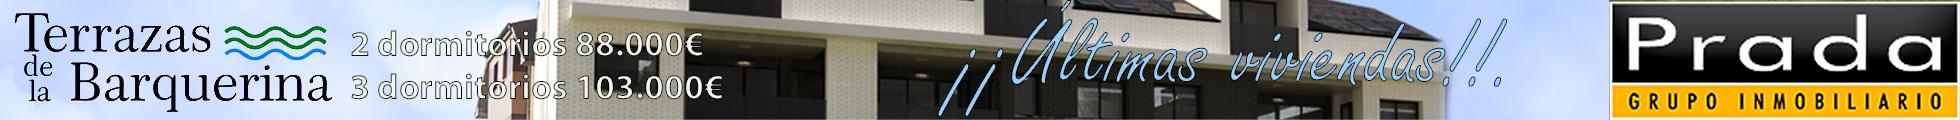 IMG_3E59D5-9C76E8-D21793-66D324-81C9FE-AC2BD0.jpg